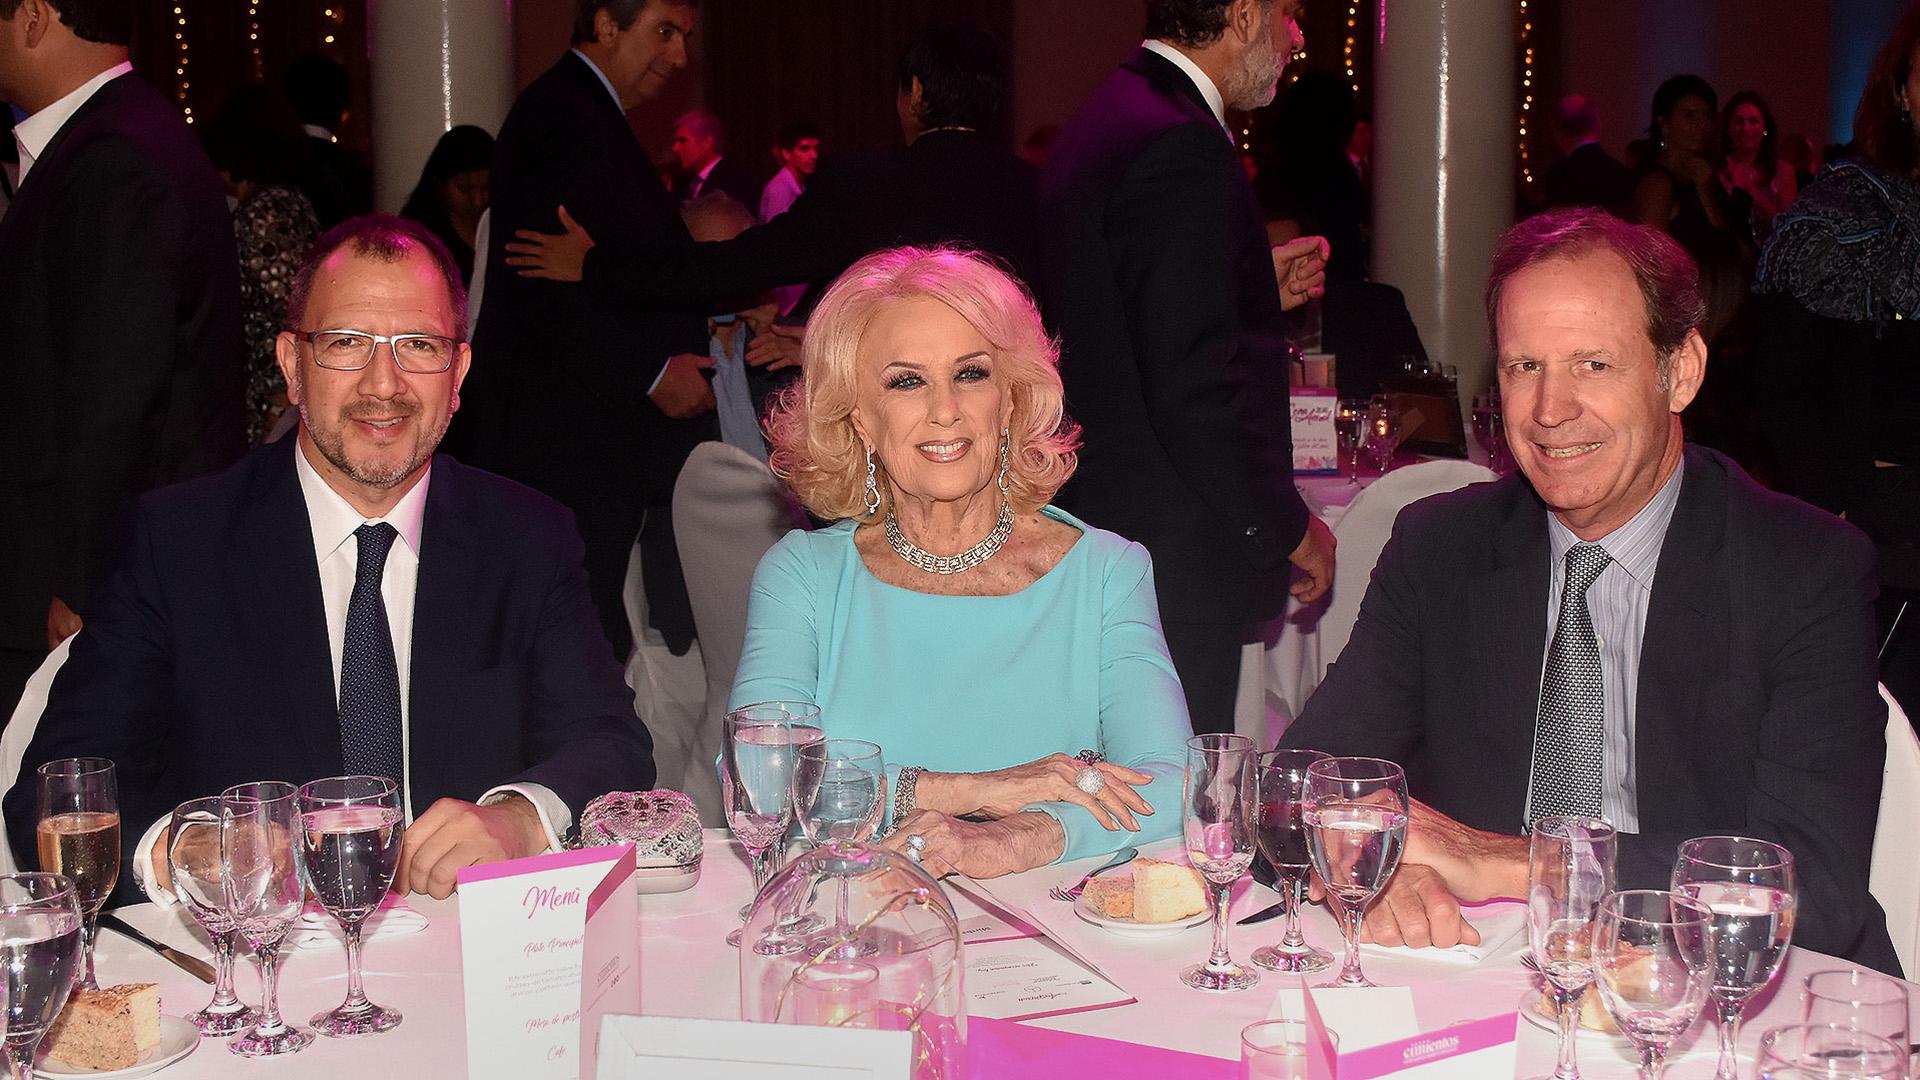 El secretario general de la Gobernación bonaerense, Fabián Perechodnik junto a Mirtha Legrand y el presidente de Cimientos, Miguel Blaquier